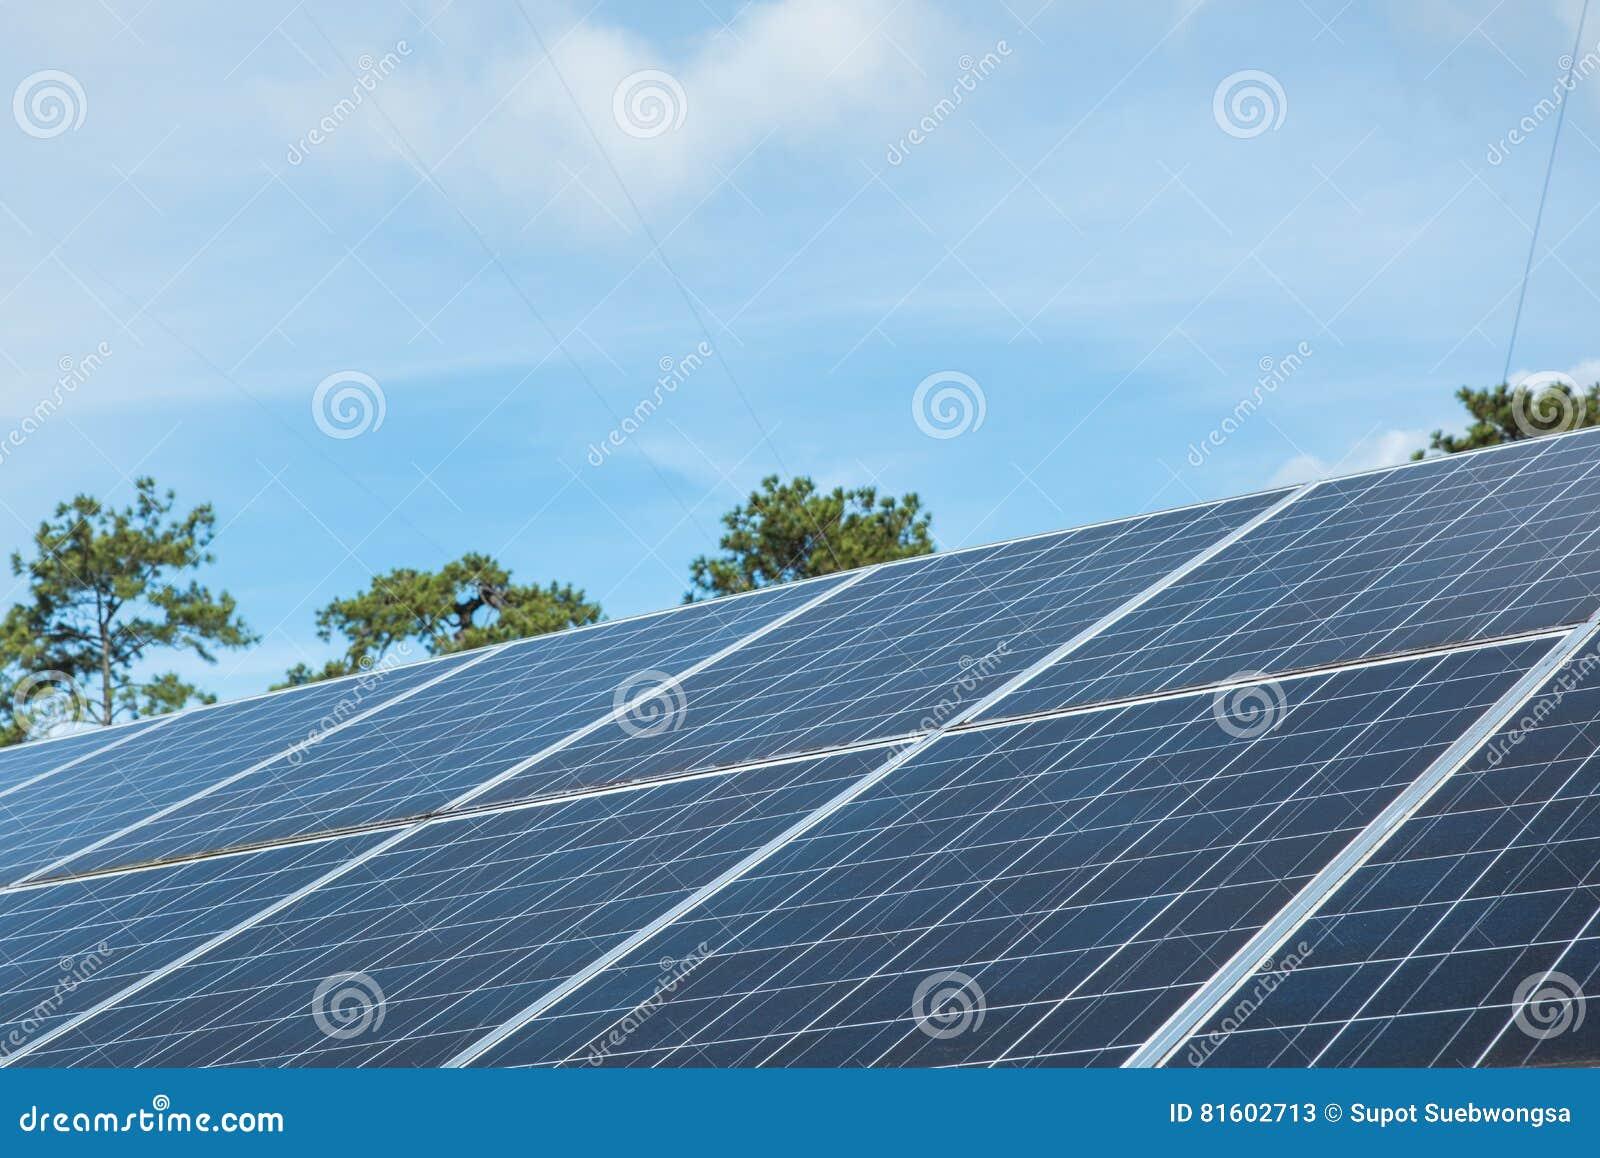 Generatore Con Pannello Solare : Pannello solare blu con il generatore eolico su cielo